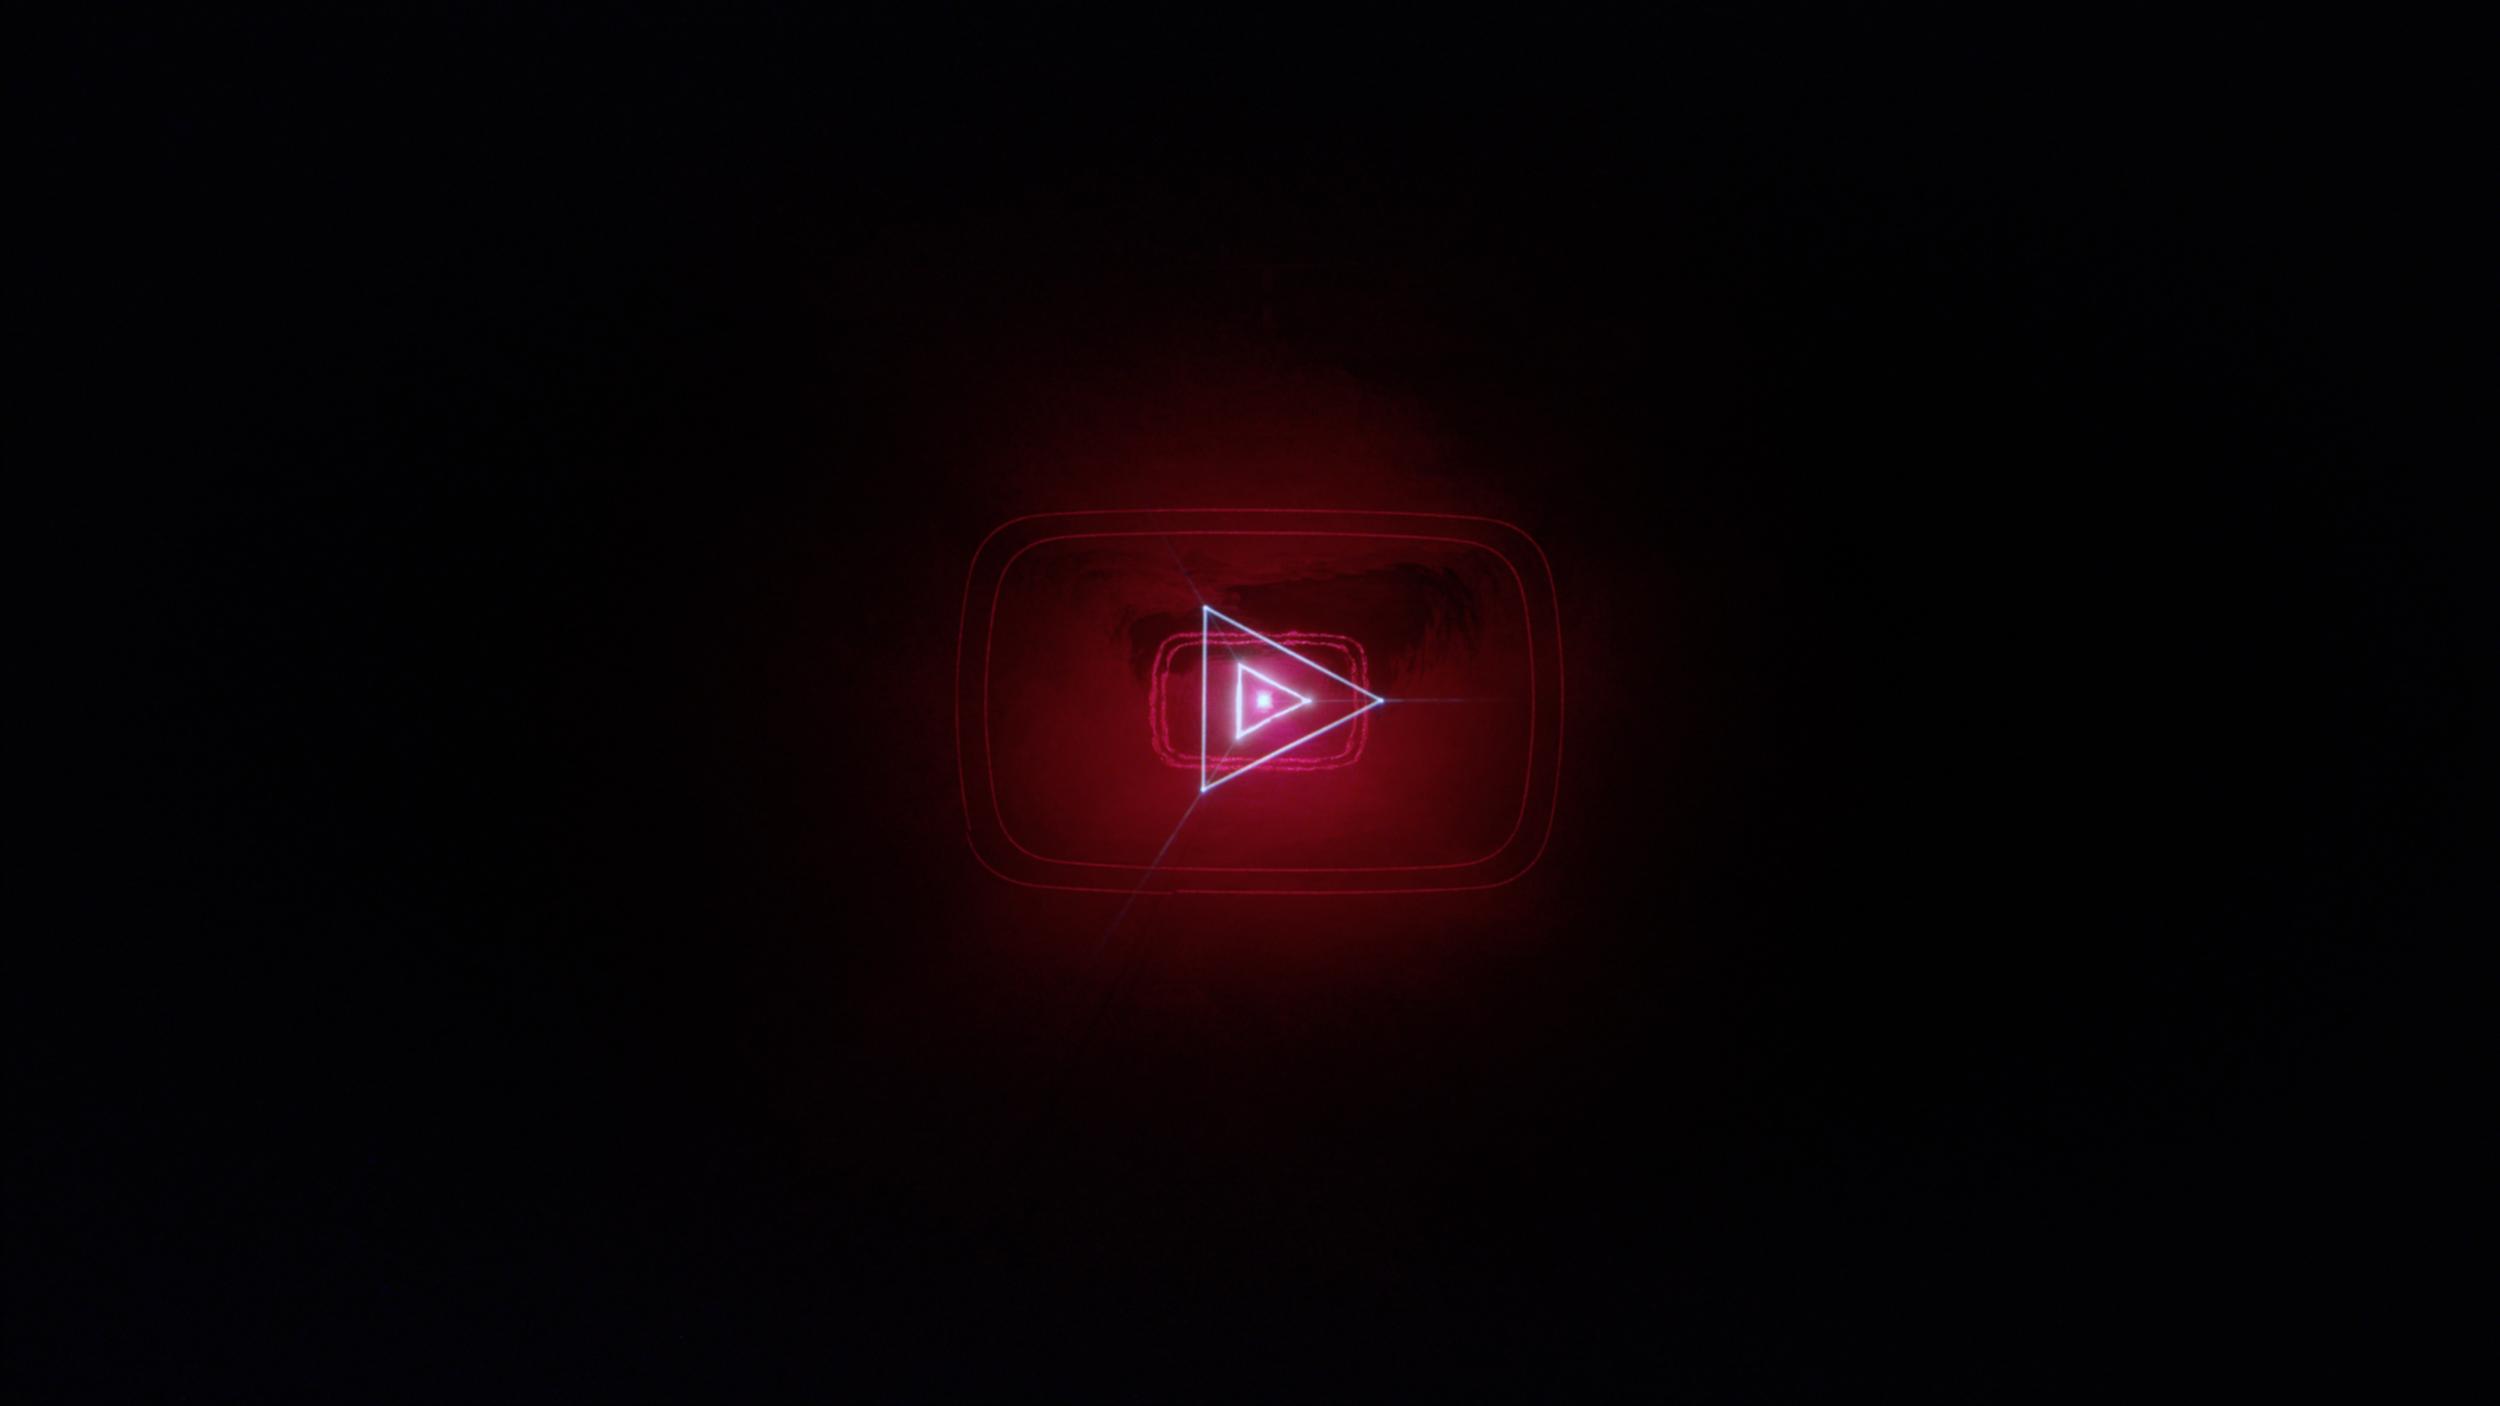 Screen Shot 2015-03-21 at 12.32.51 PM.png